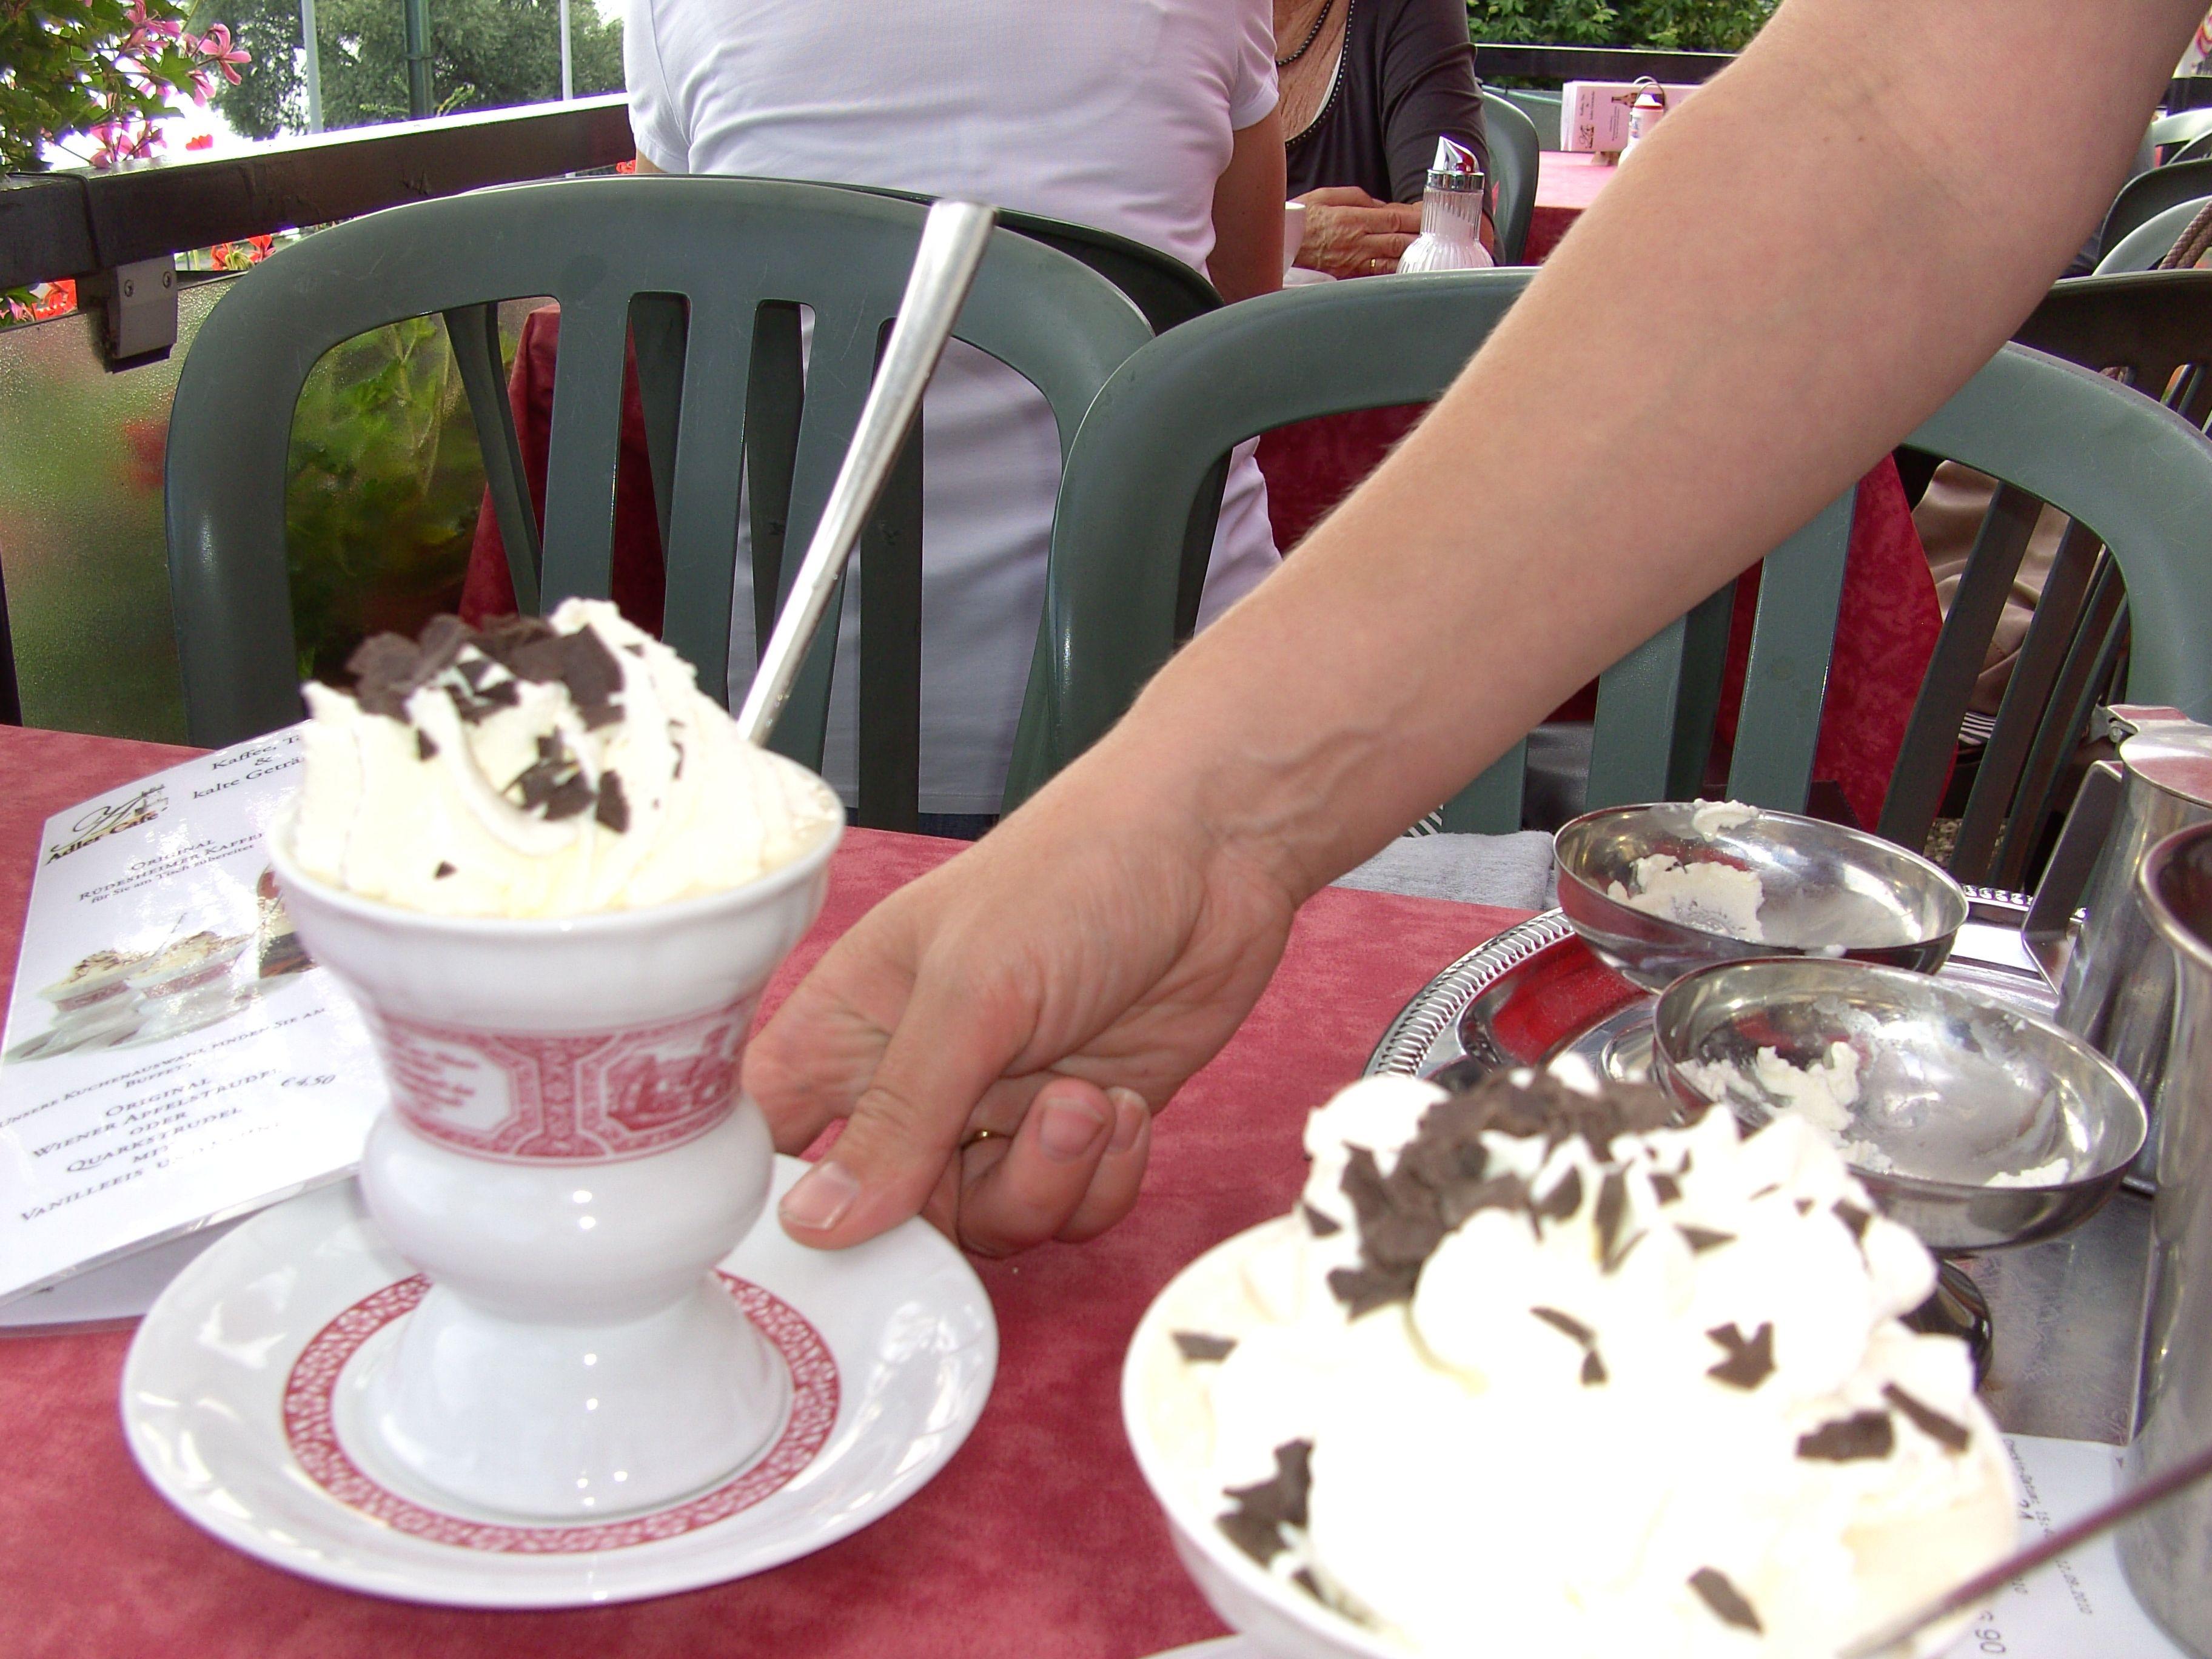 Brandi sugar coffee whipping cream and chocolate truffles